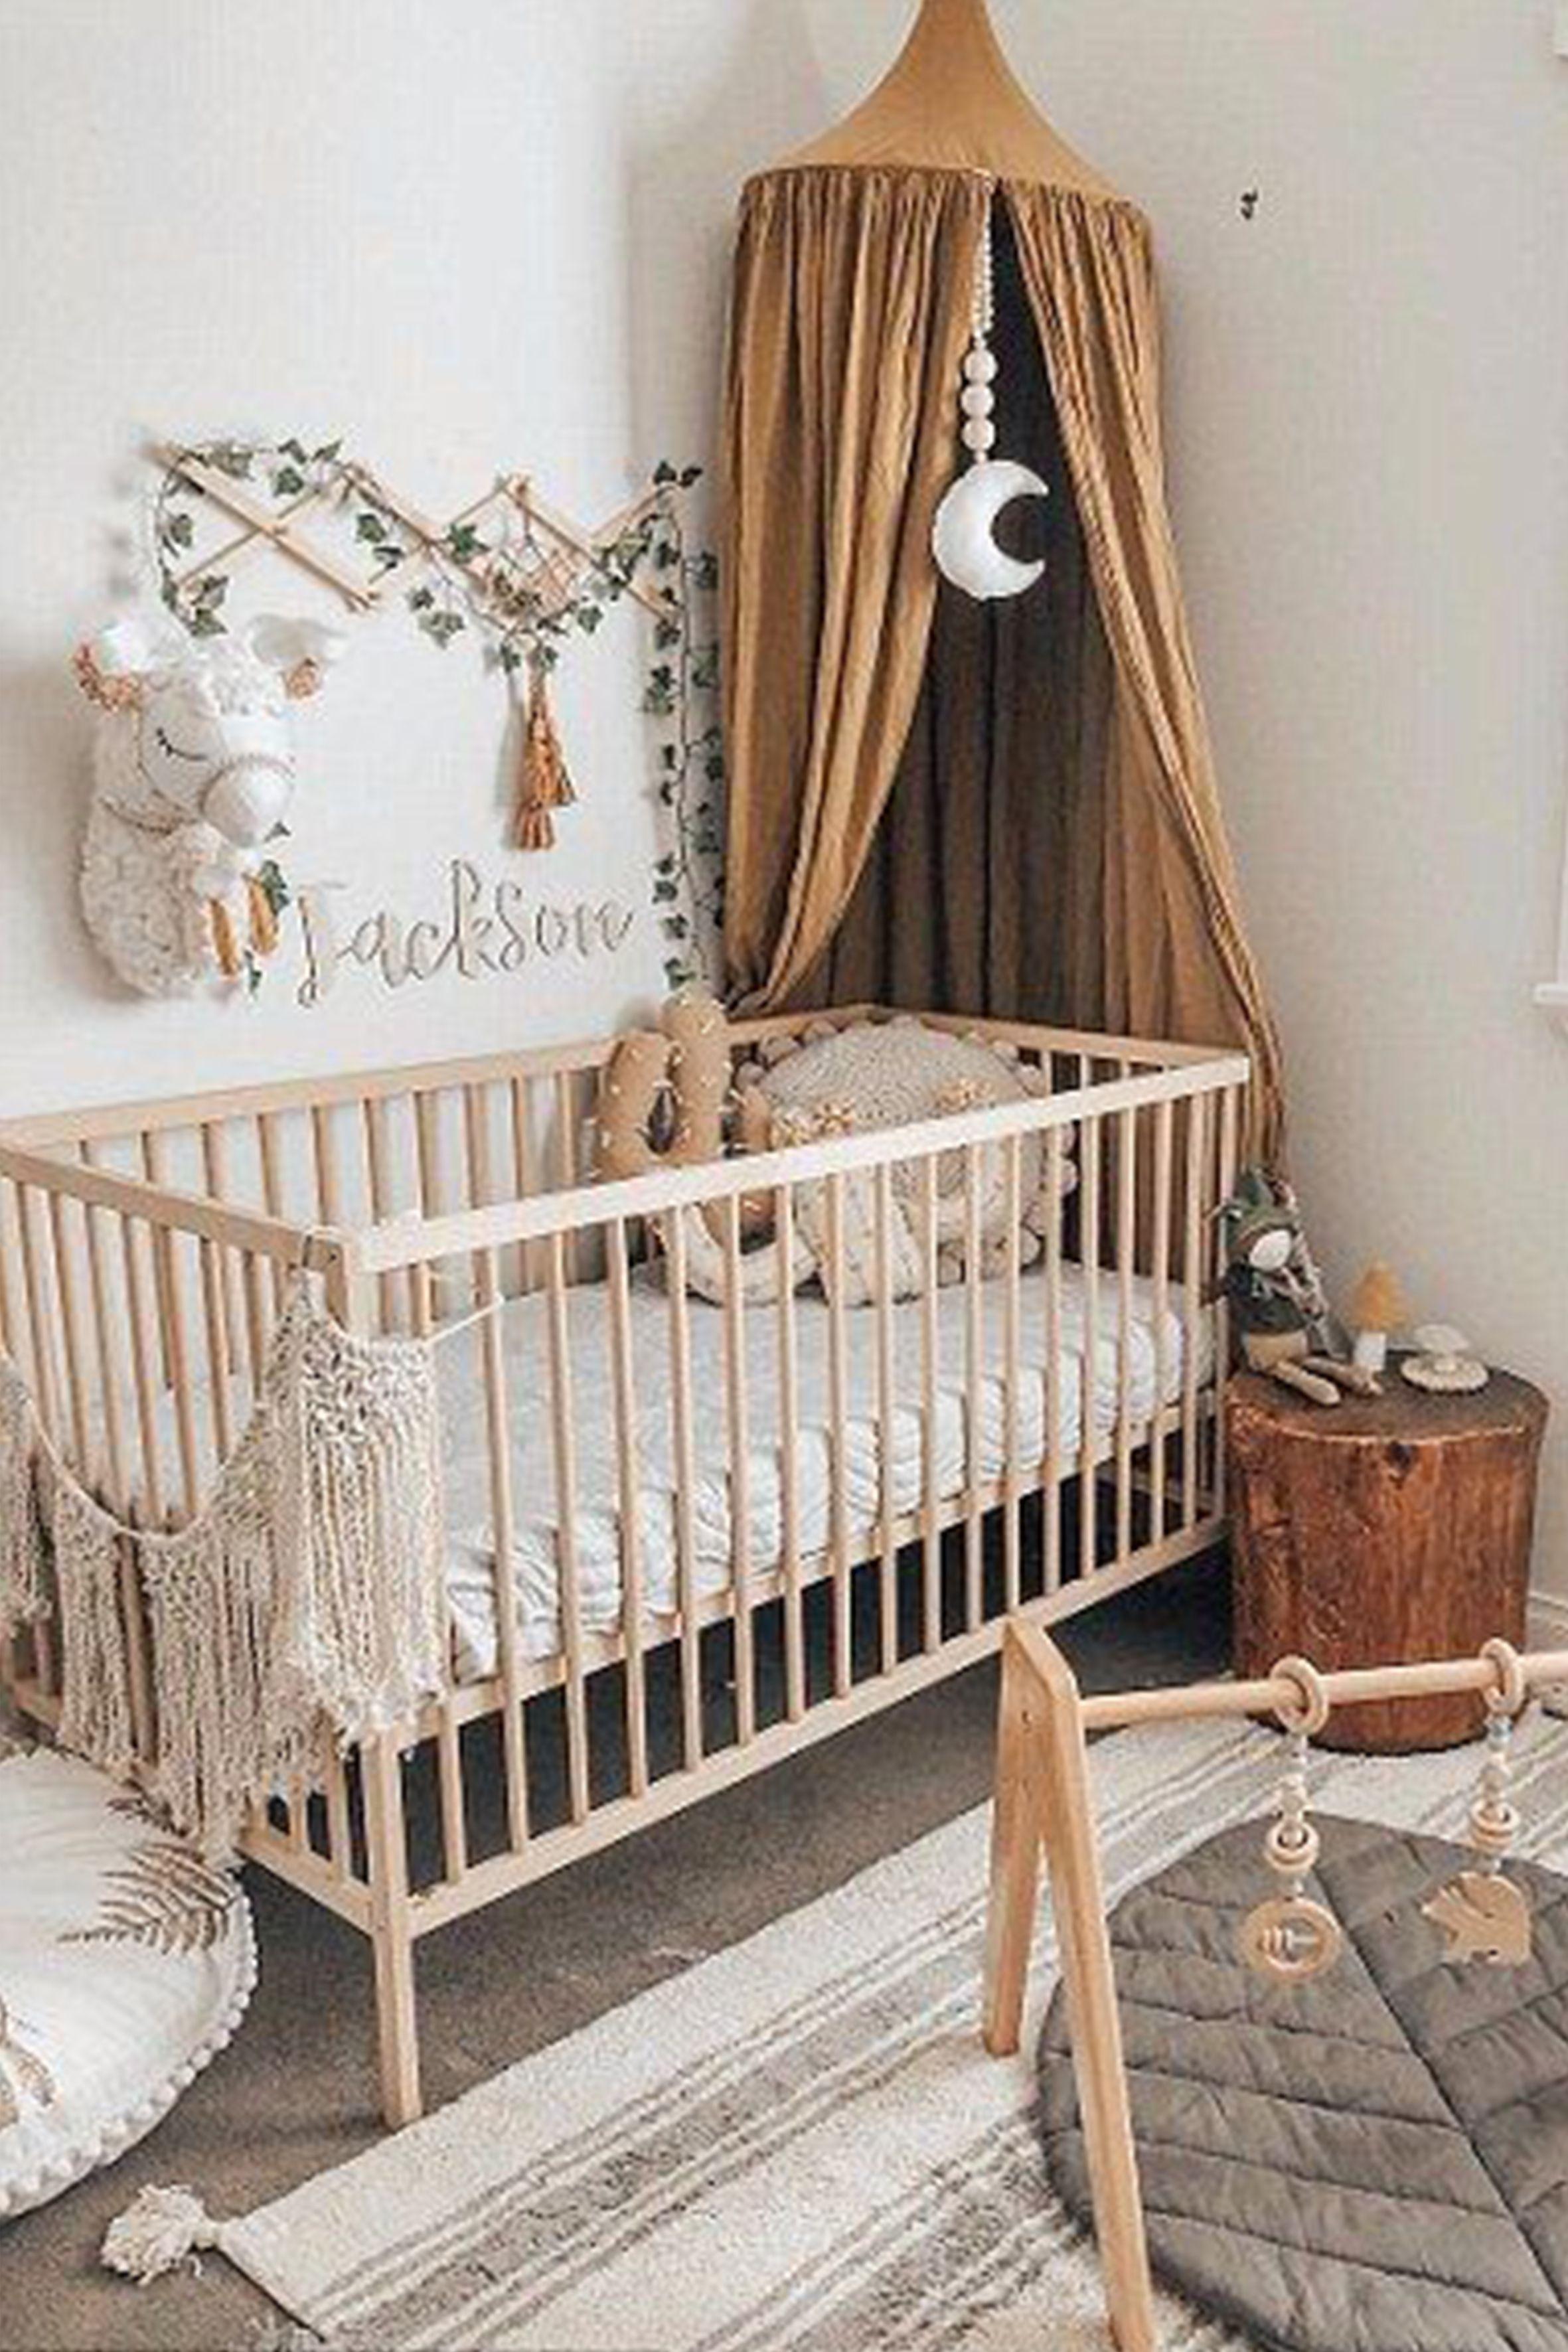 Décoration pour une chambre de bébé style jungle chic. #déco